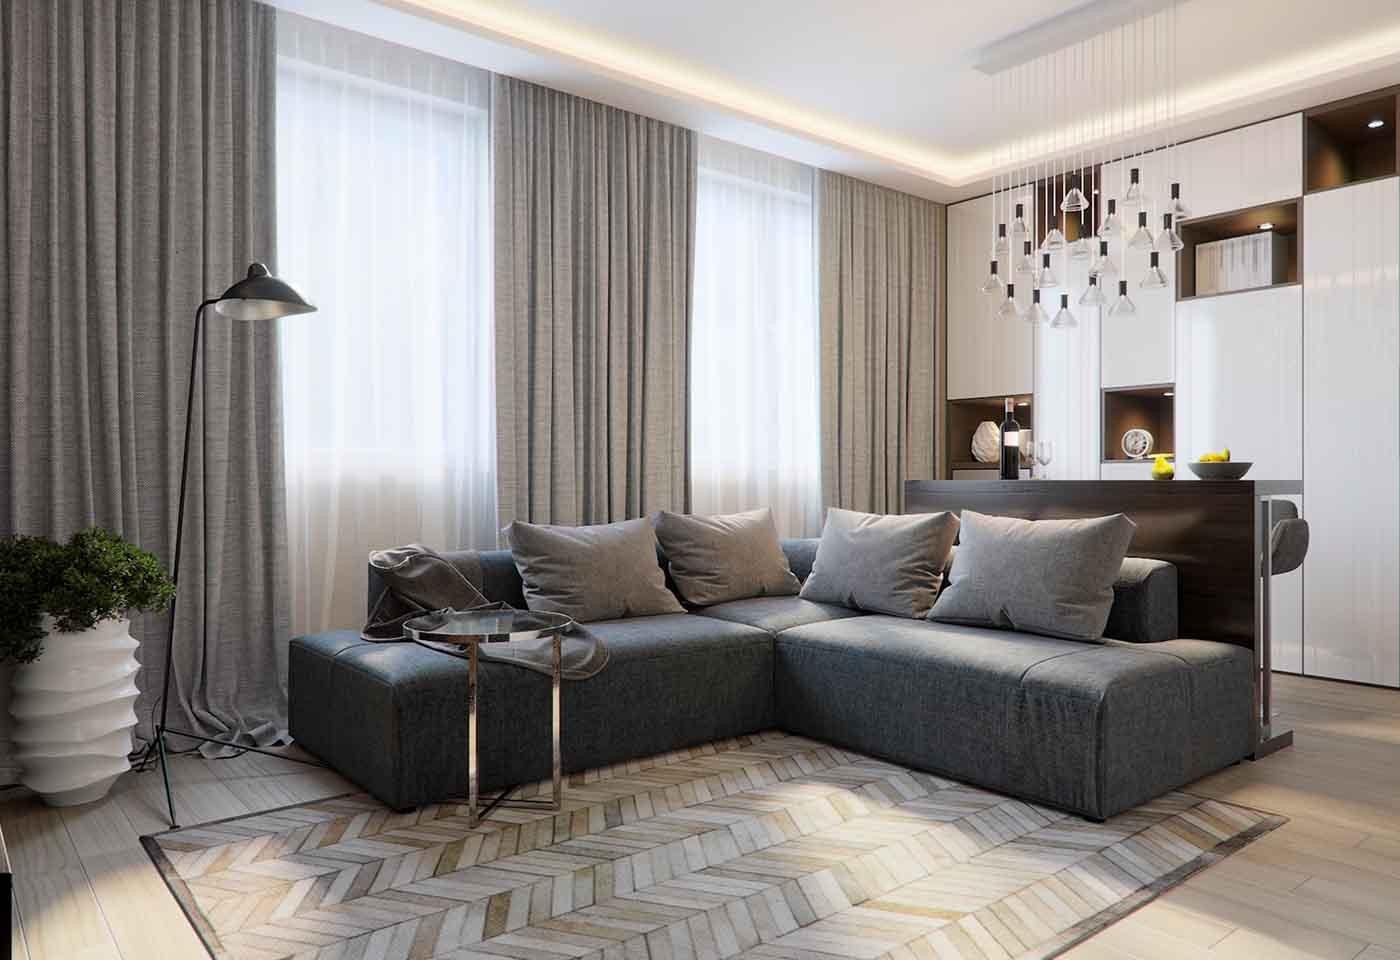 Tende Sala E Cucina tende da salotto: idee e consigli per sceglierle